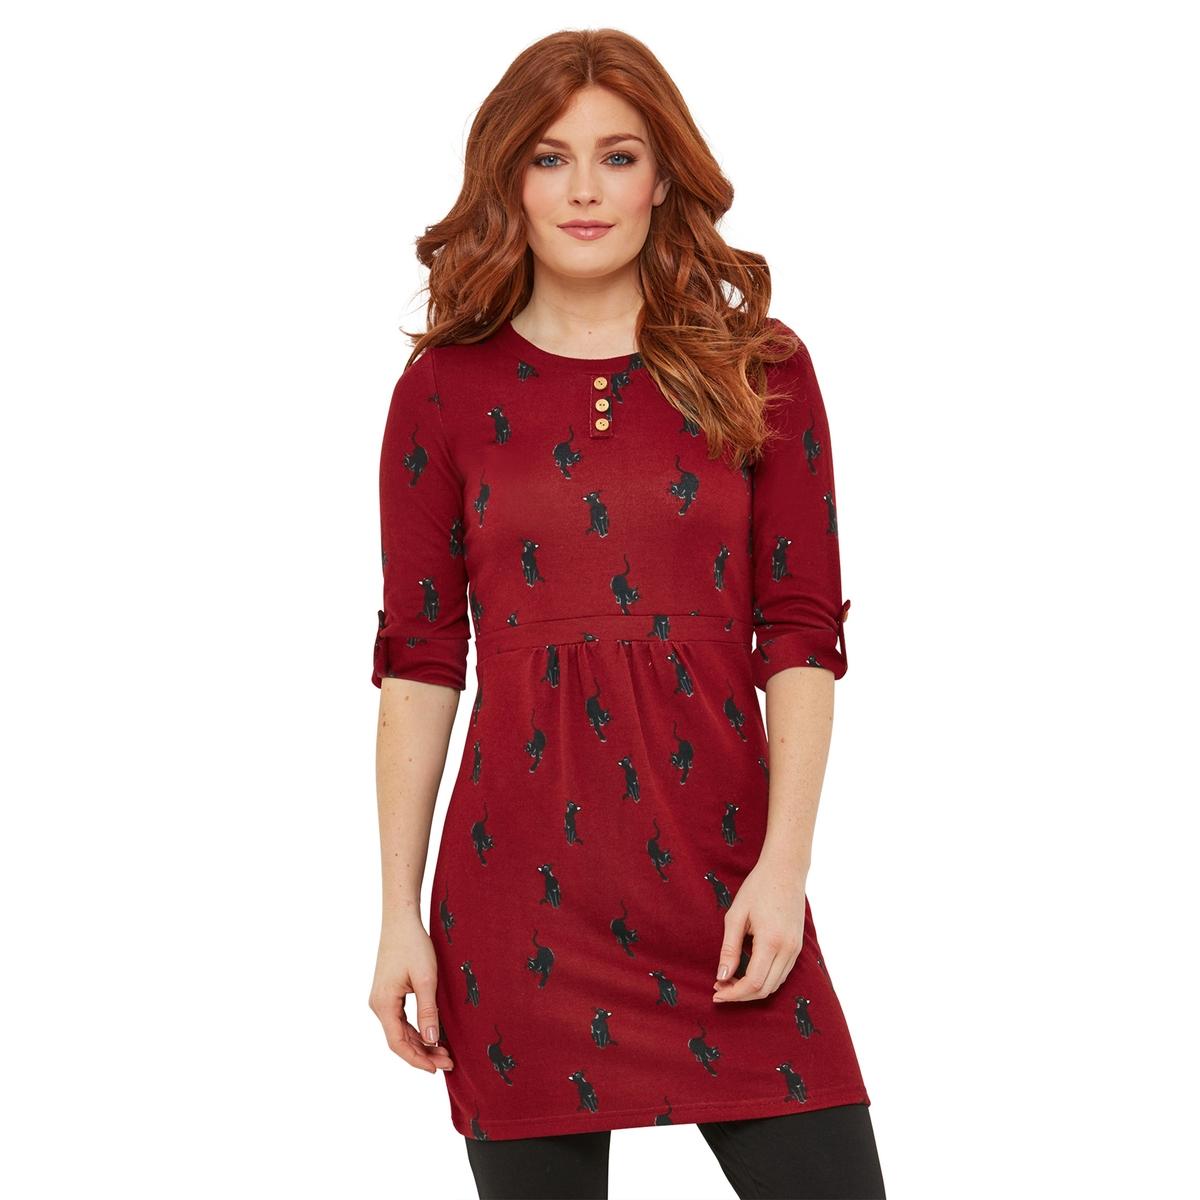 Платье La Redoute Короткое расклешенное с круглым вырезом и рукавами 40 (FR) - 46 (RUS) красный платье la redoute короткое расклешенное с короткими рукавами 46 fr 52 rus красный